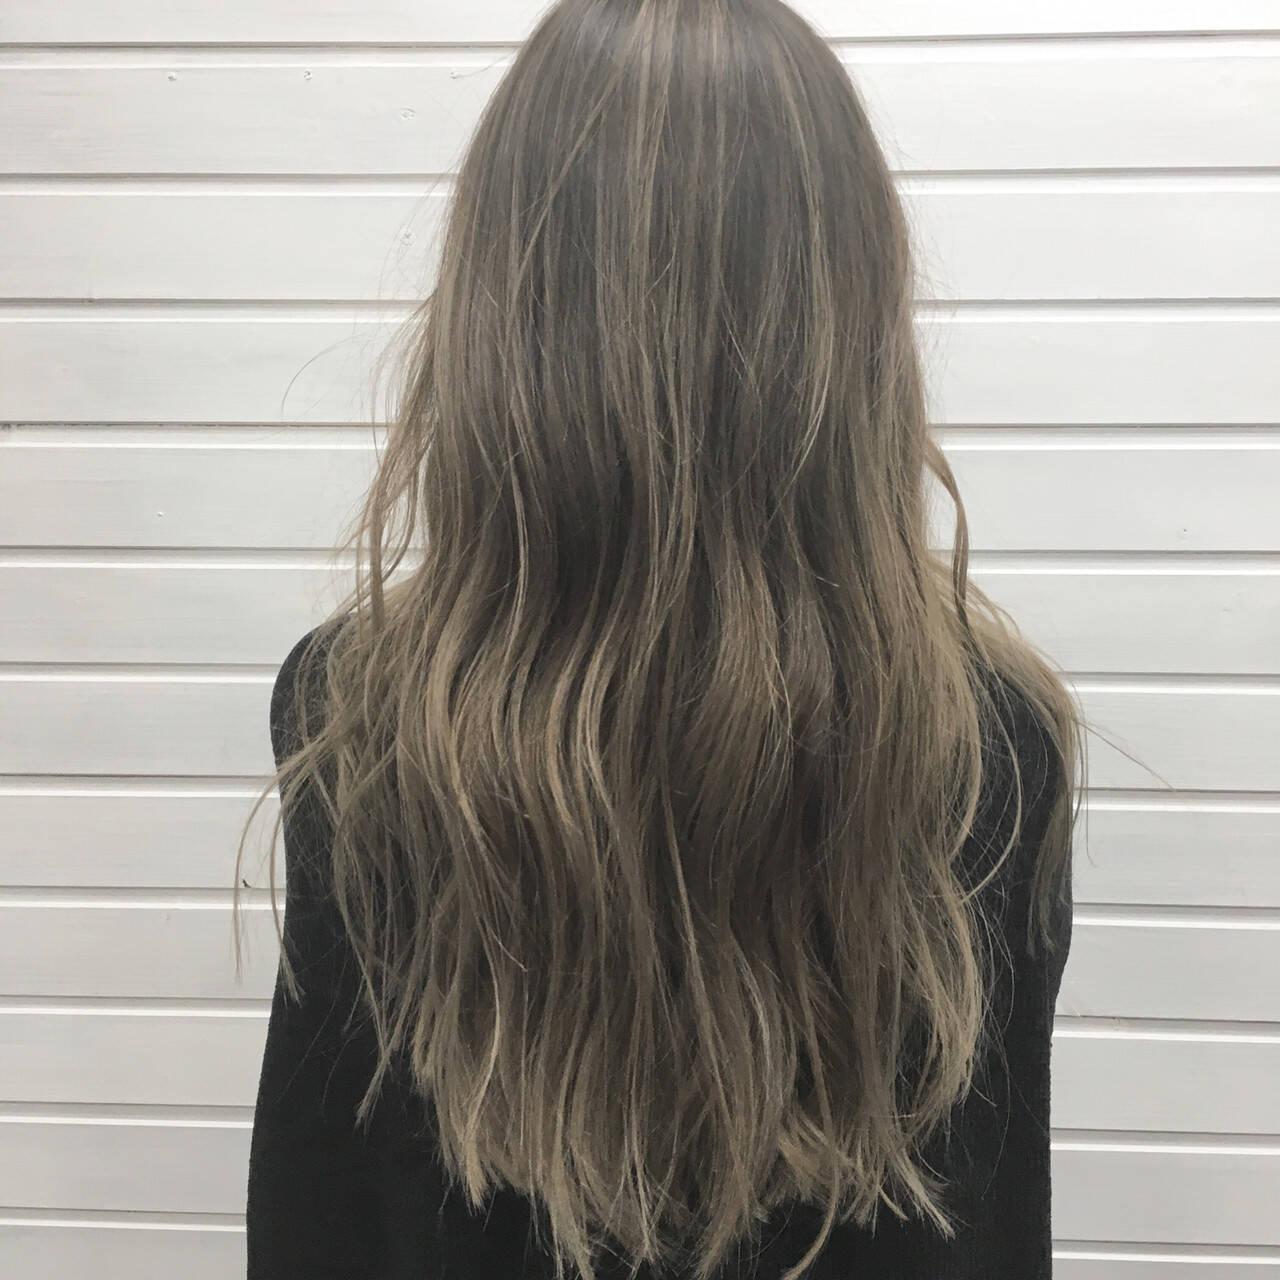 アッシュグレージュ エレガント バレイヤージュ ハイライトヘアスタイルや髪型の写真・画像